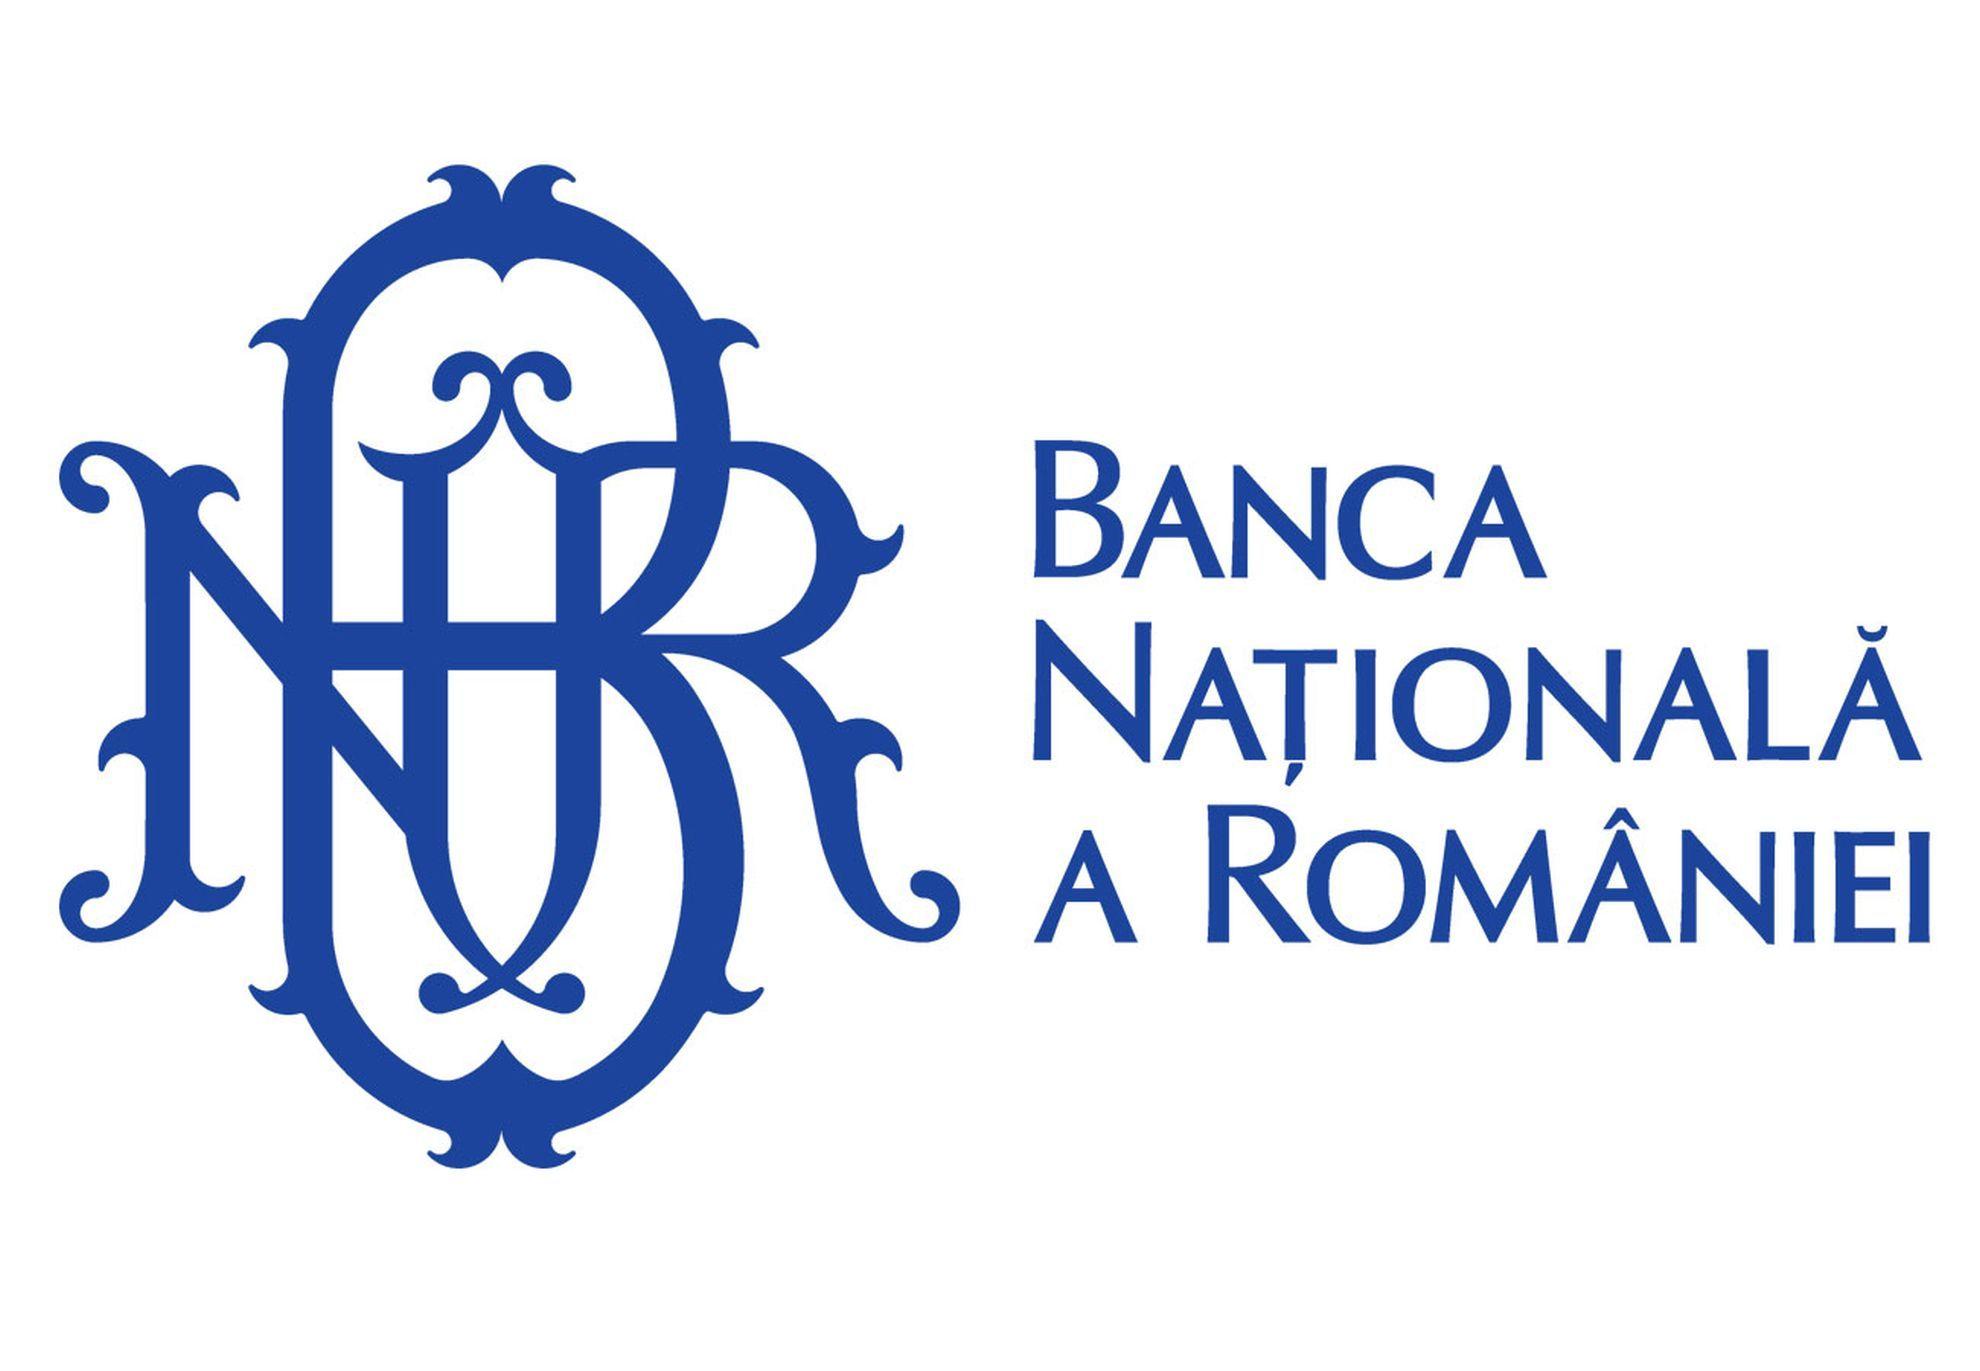 Imagini pentru logo bnr